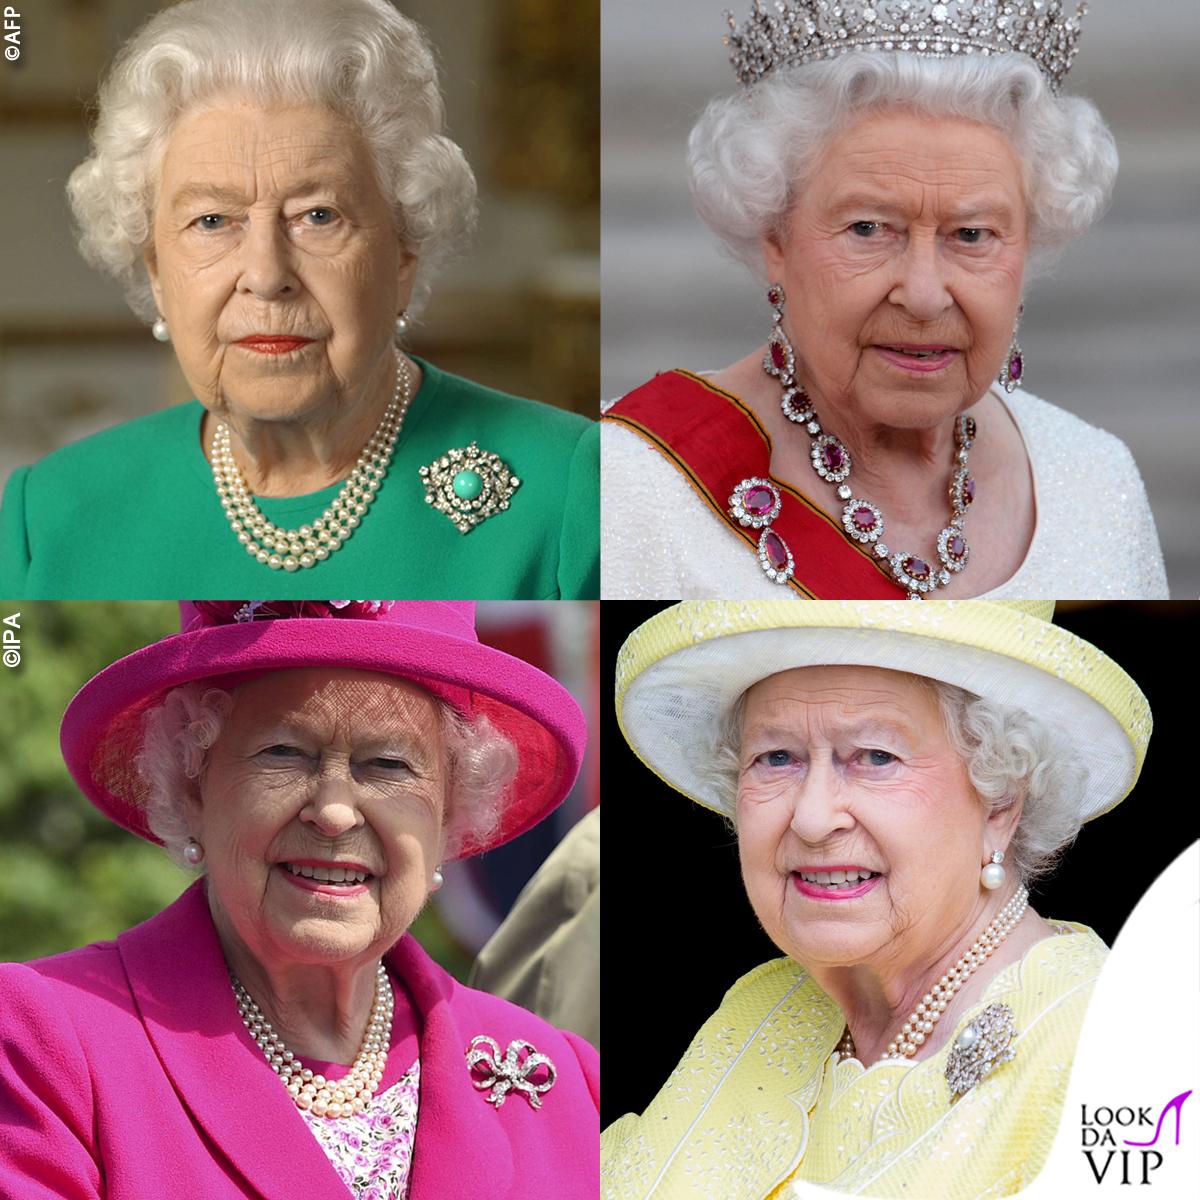 La Regina Elisabetta Comunica Con Le Spille Tutti I Significati Nascosti